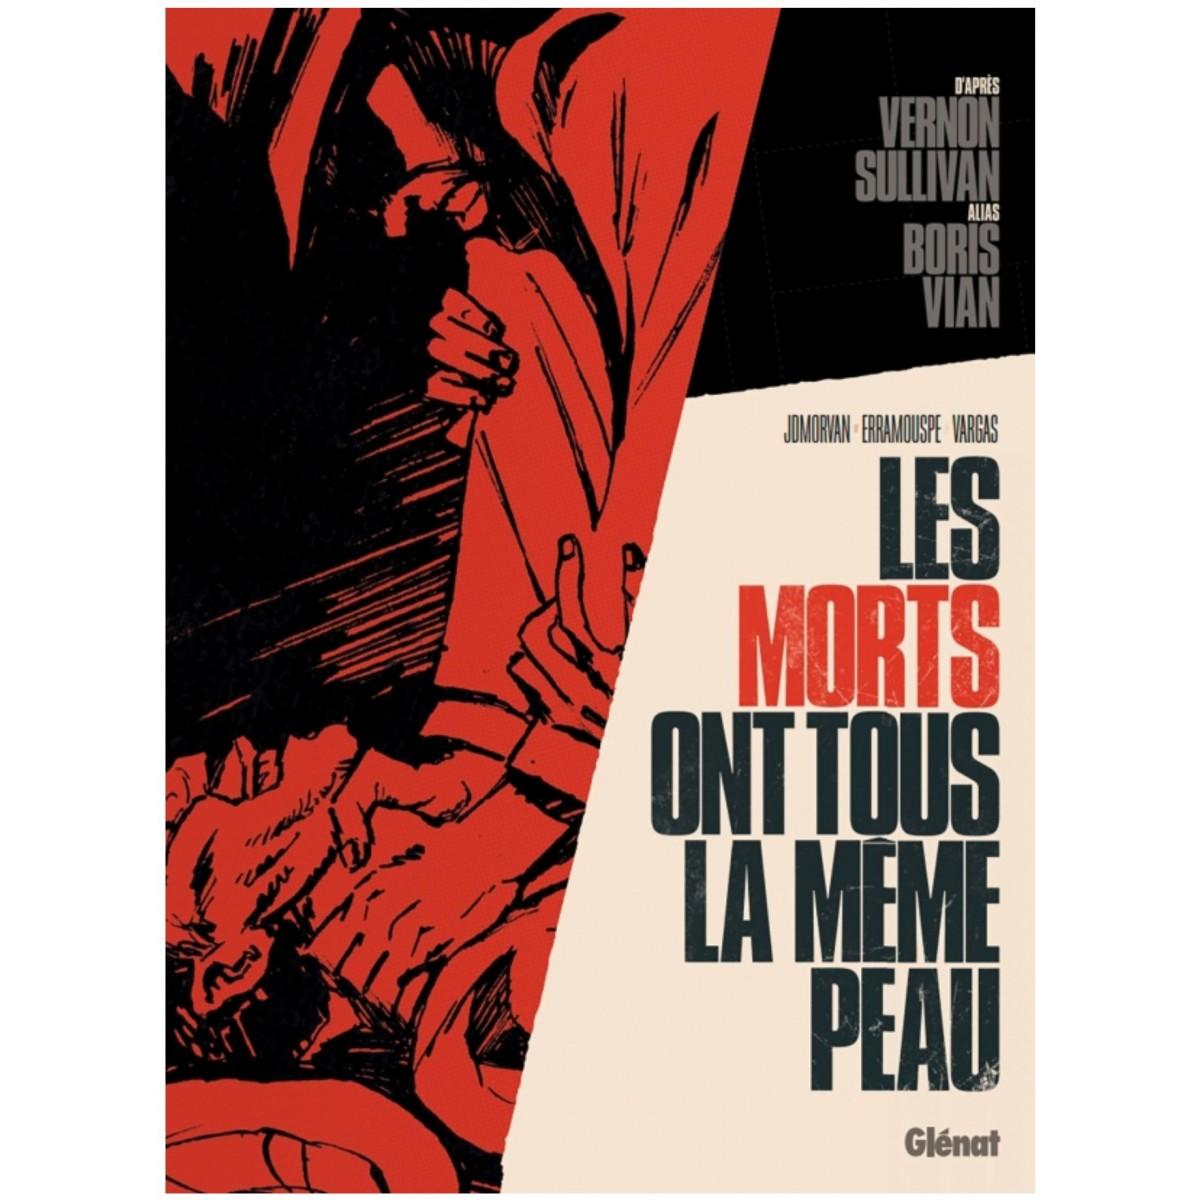 Boris Vian - Les morts ont tous la même peau (FR)